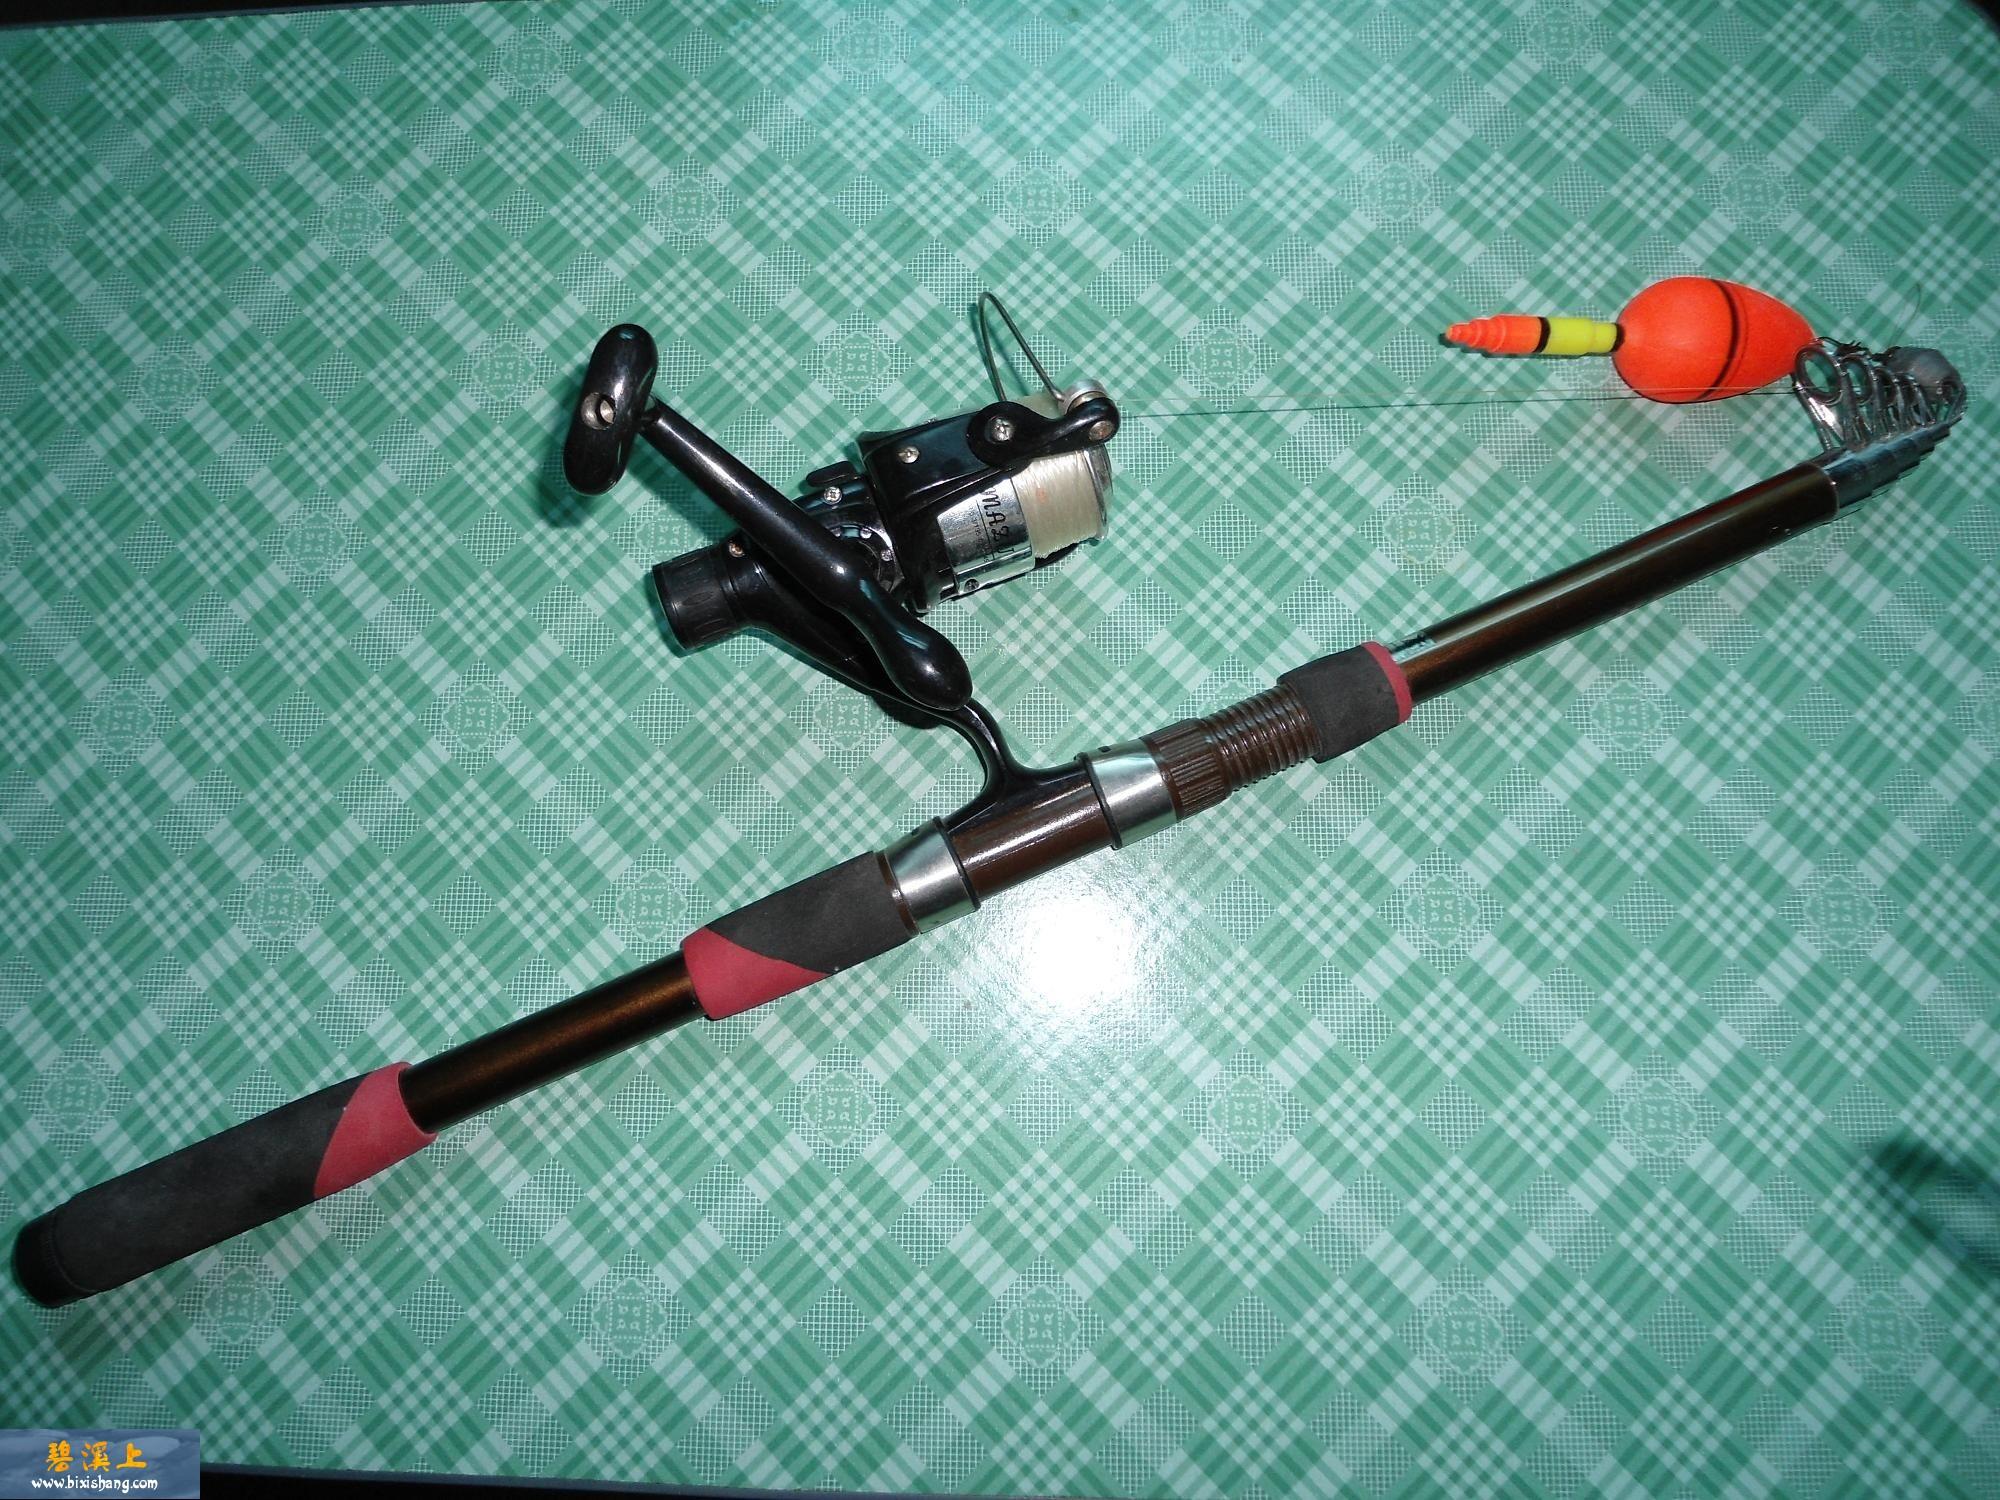 熊爪套装钻石版鳙鲢钓组1个铃铛2个串钩3个竿子4根绕线轮3个爆炸钩4个